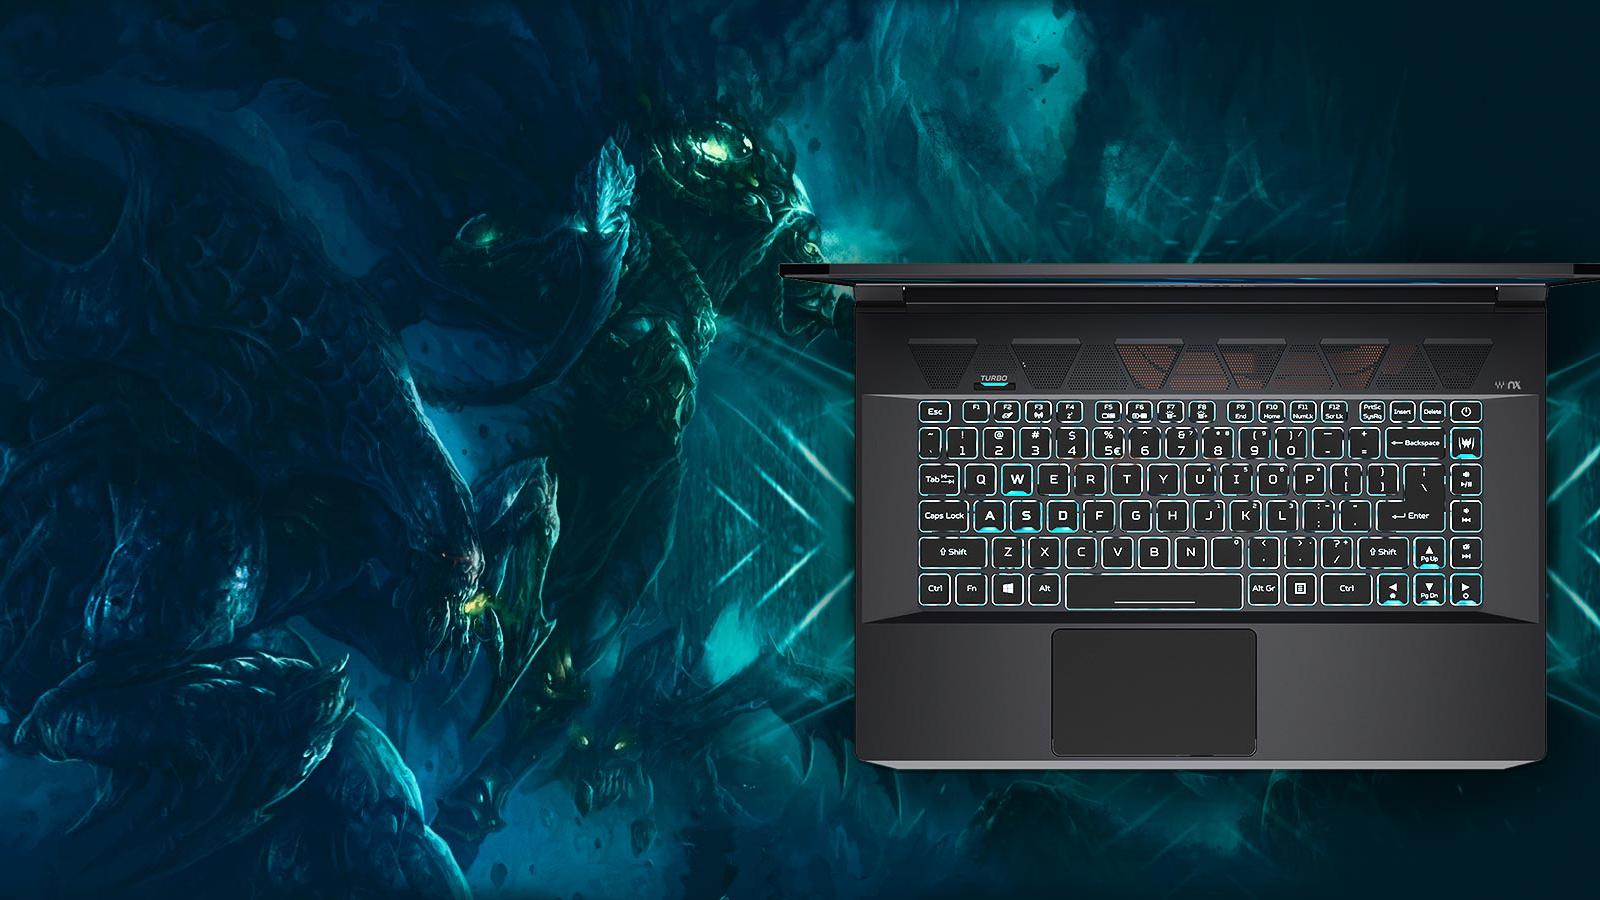 Đánh giá tổng quanLaptop Gaming Acer Predator Triton 500 PT515-51-7391 7